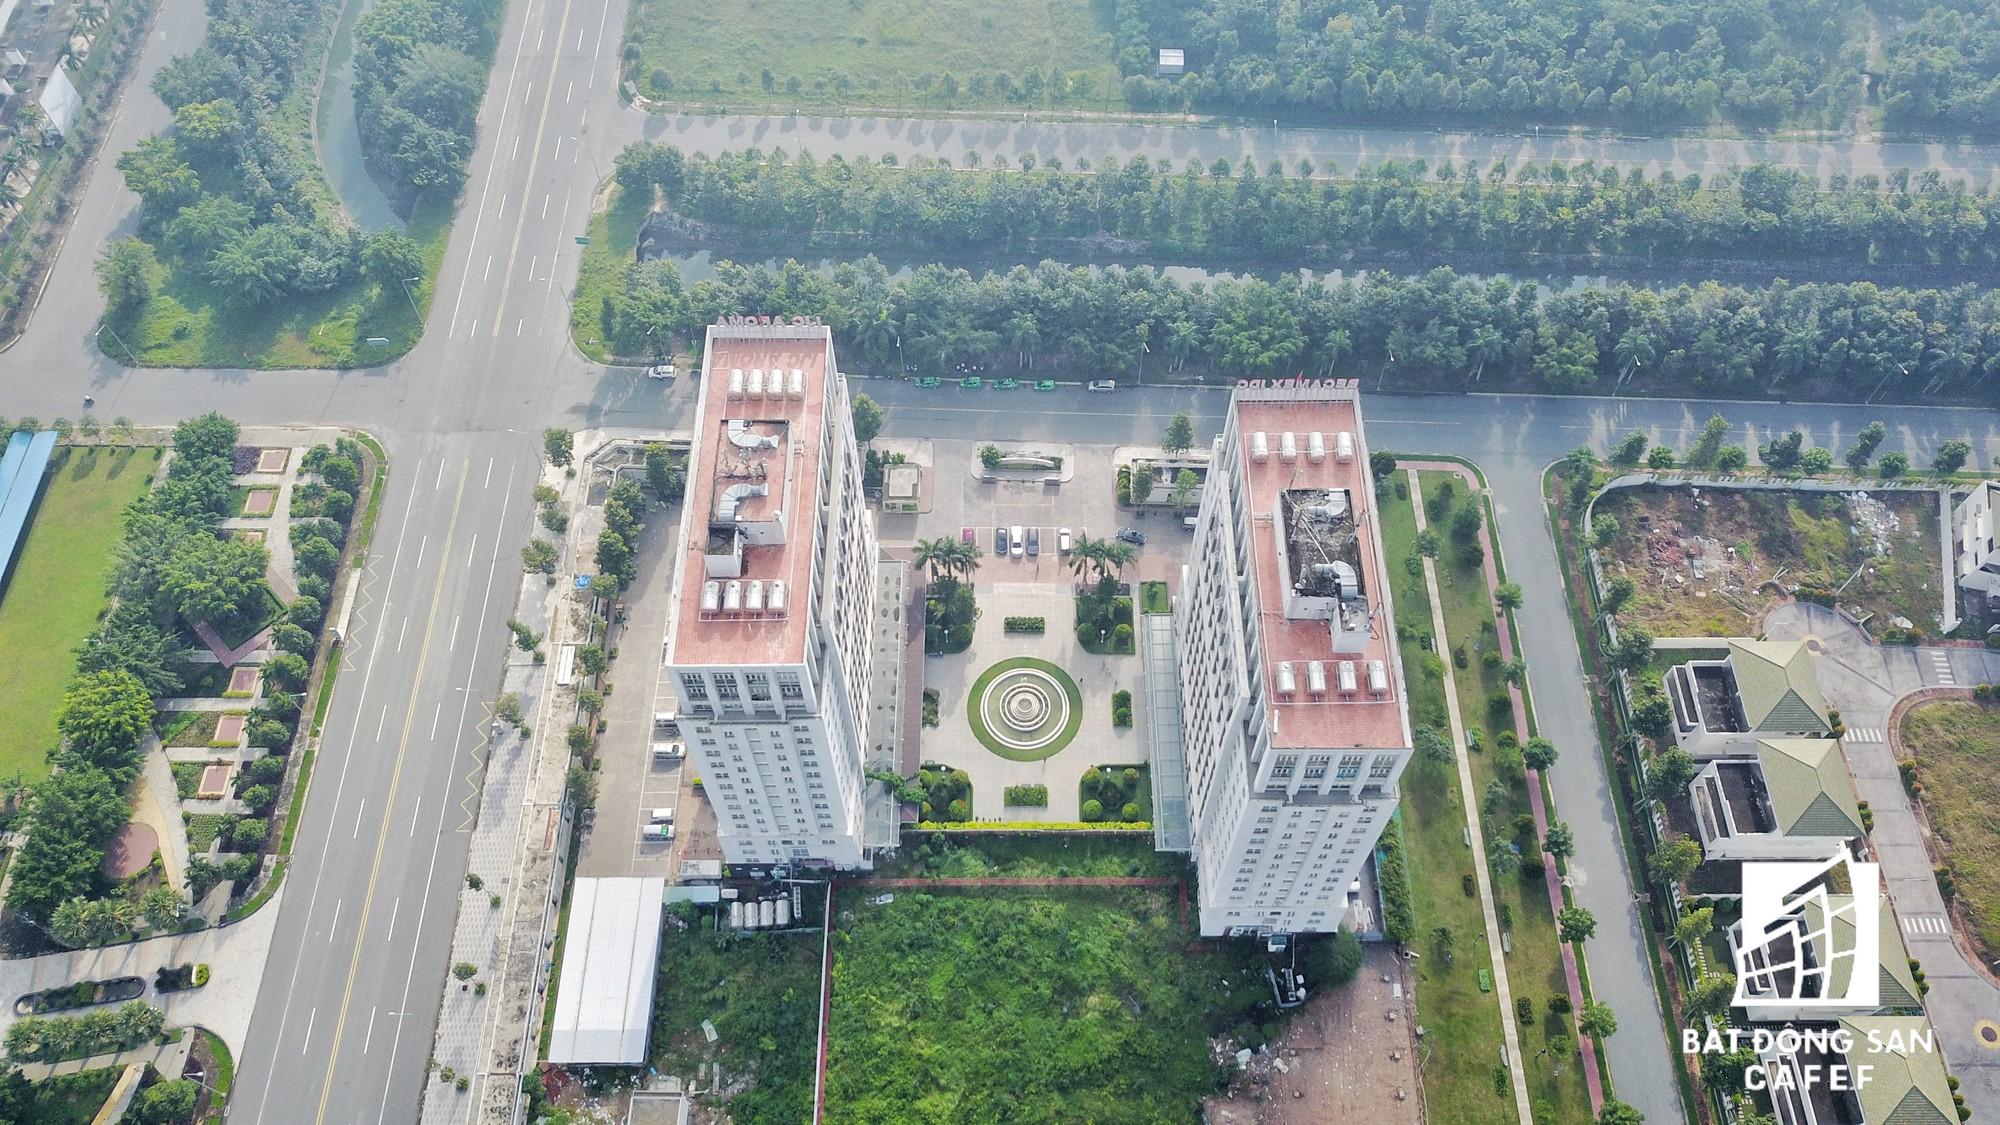 Tại đây, Becamex đã hợp tác với các nhà đầu tư Hàn Quốc xây nên khu đô thị Becamex Tokyu, nhưng sau nhiều năm xây dựng vẫn chỉ mới hoàn thiện một block căn hộ và văn phòng.